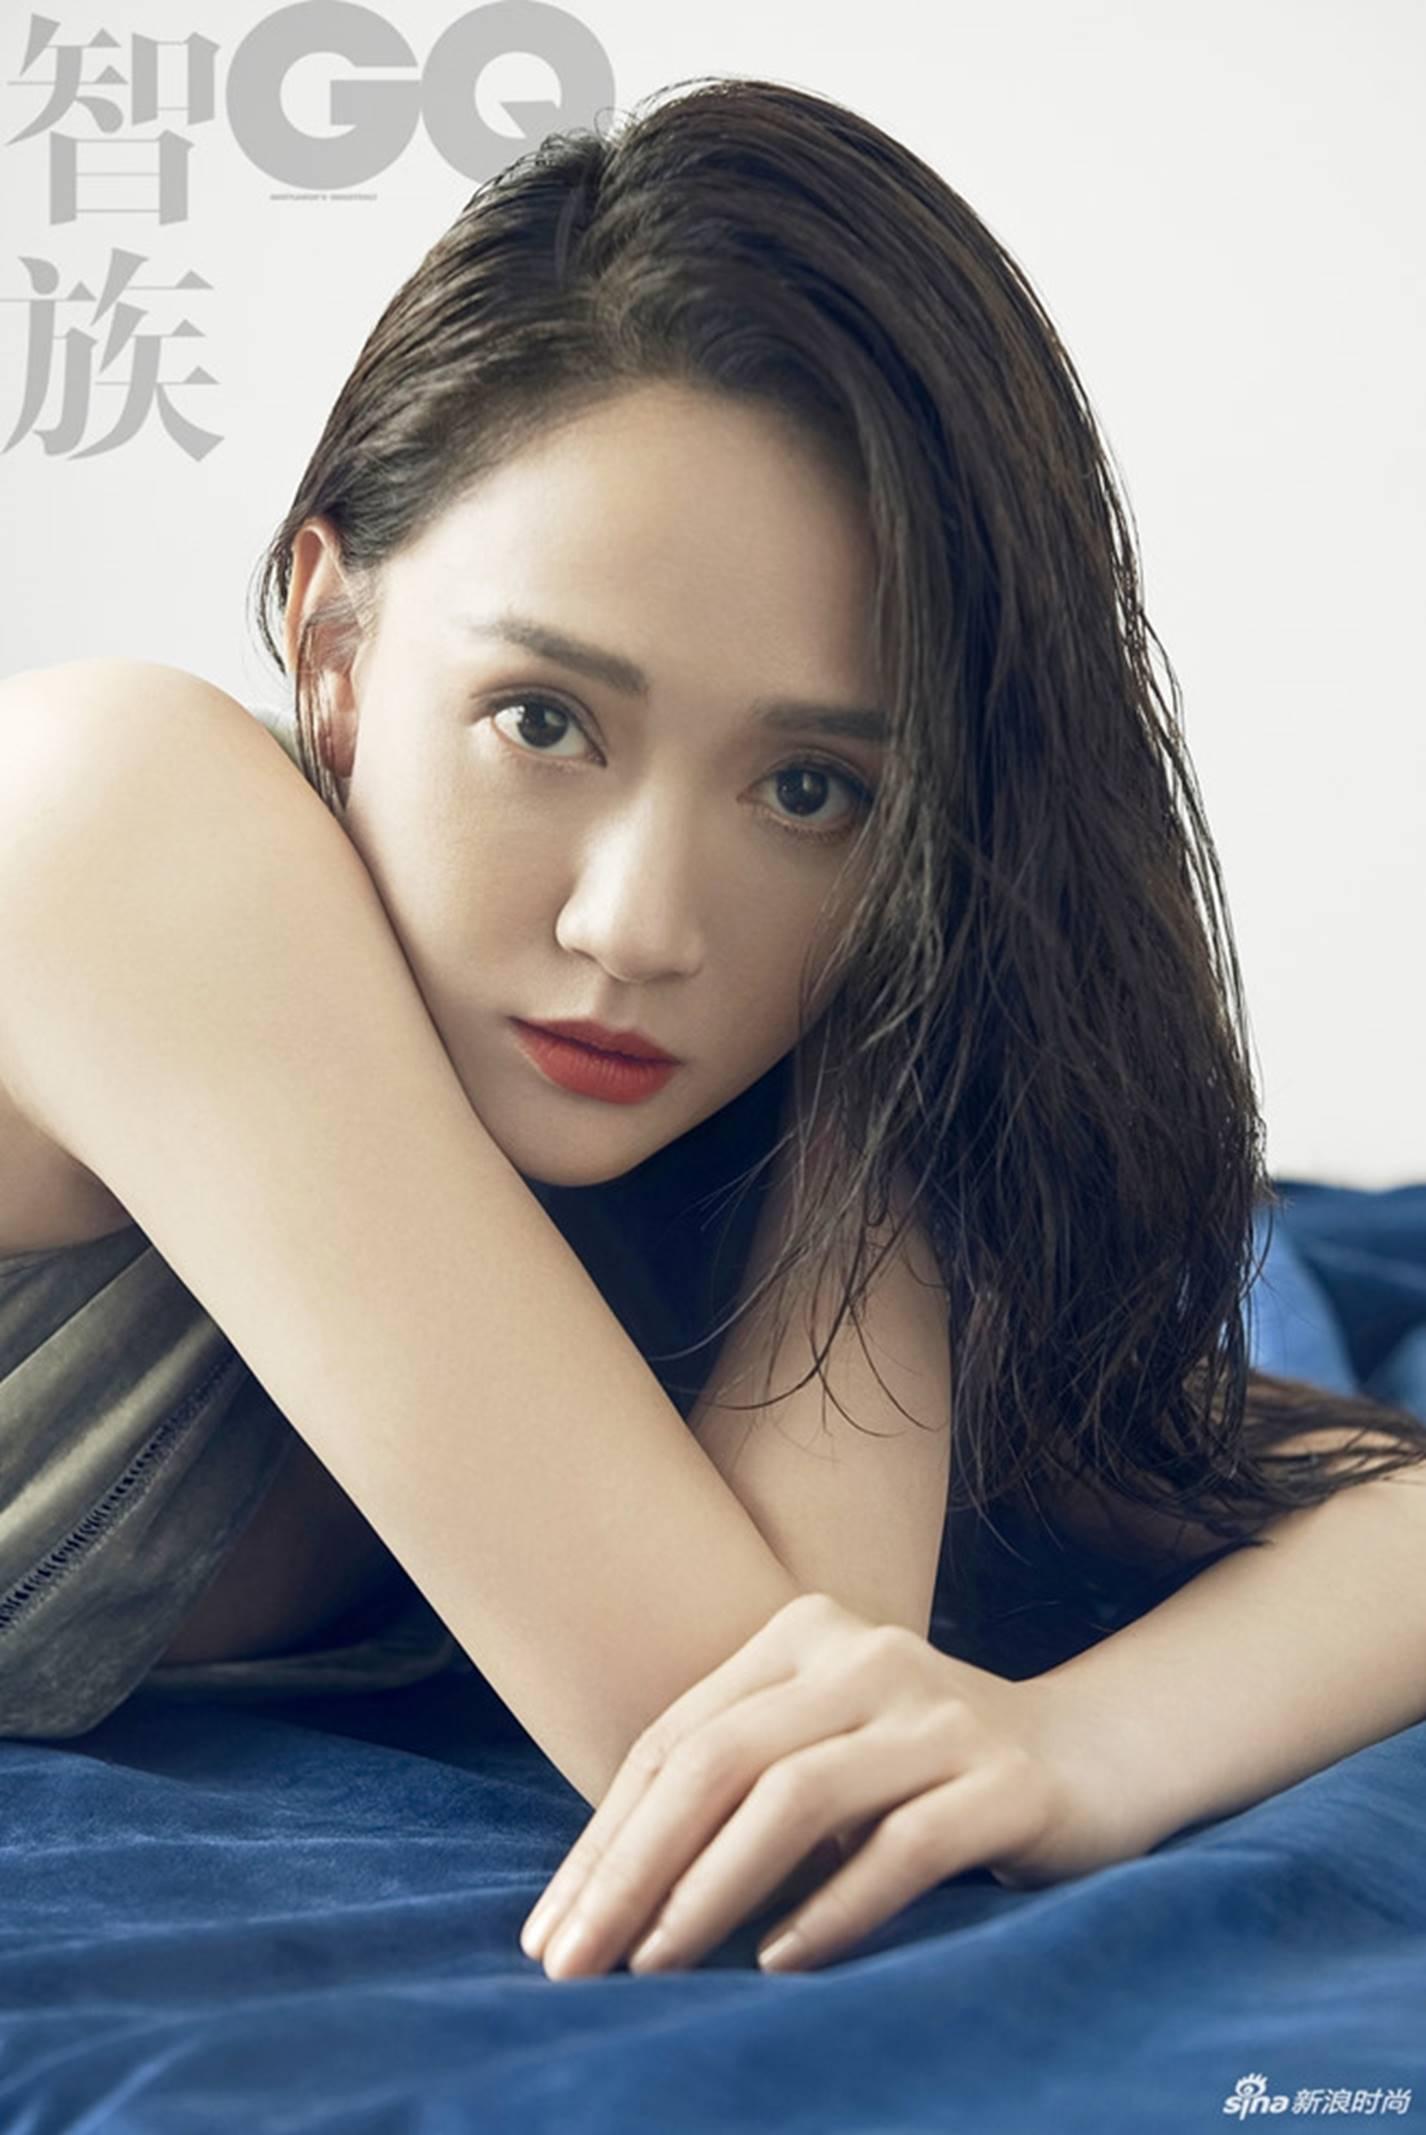 Đông Phương Bất Bại Trần Kiều Ân tuổi 40 trẻ đẹp như thời đôi mươi-8